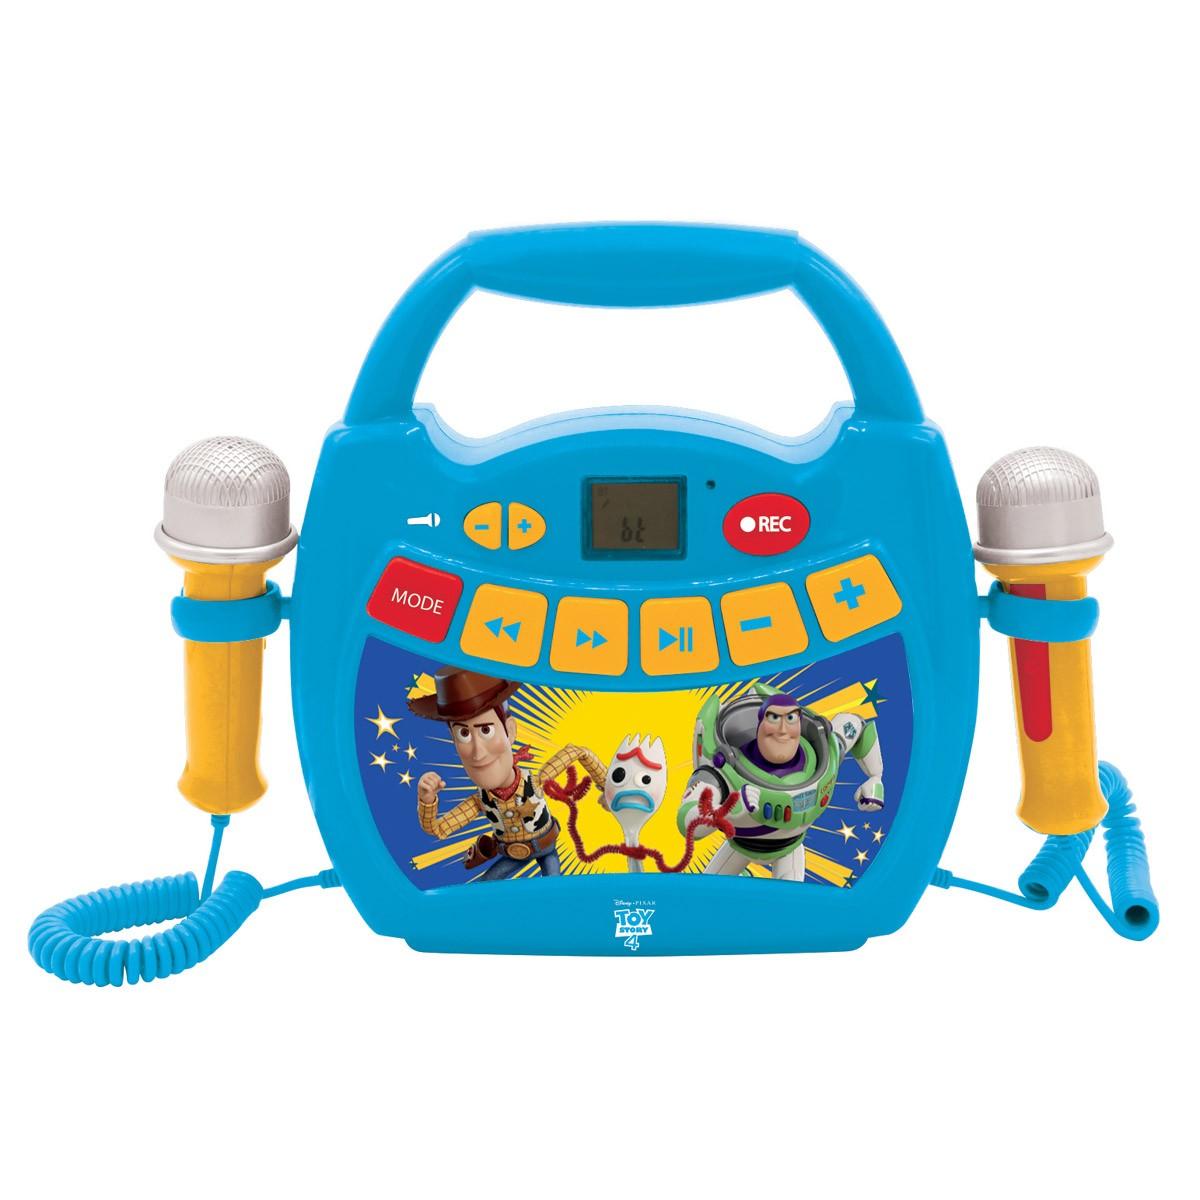 Mon premier lecteur musical avec micros Toy Story 4